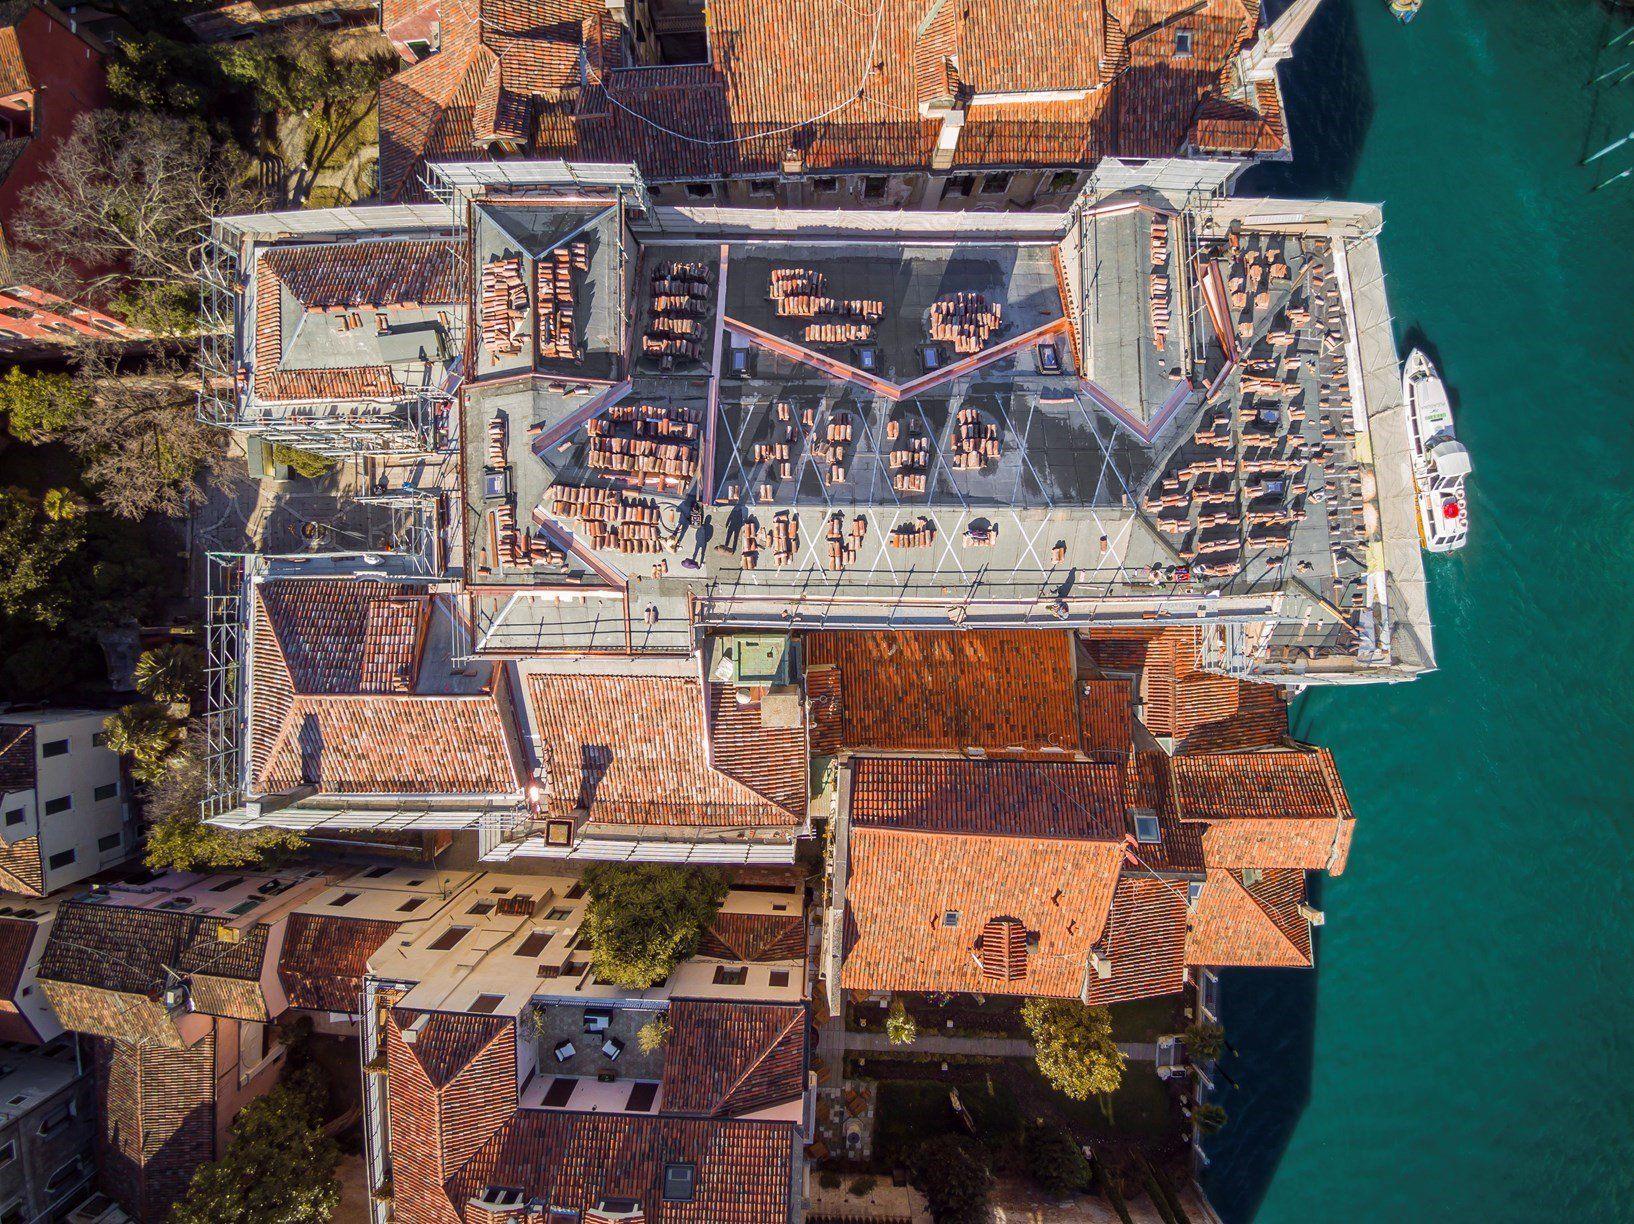 AERtetto per la sede Ca' Tron dell'Università Iuav di Venezia